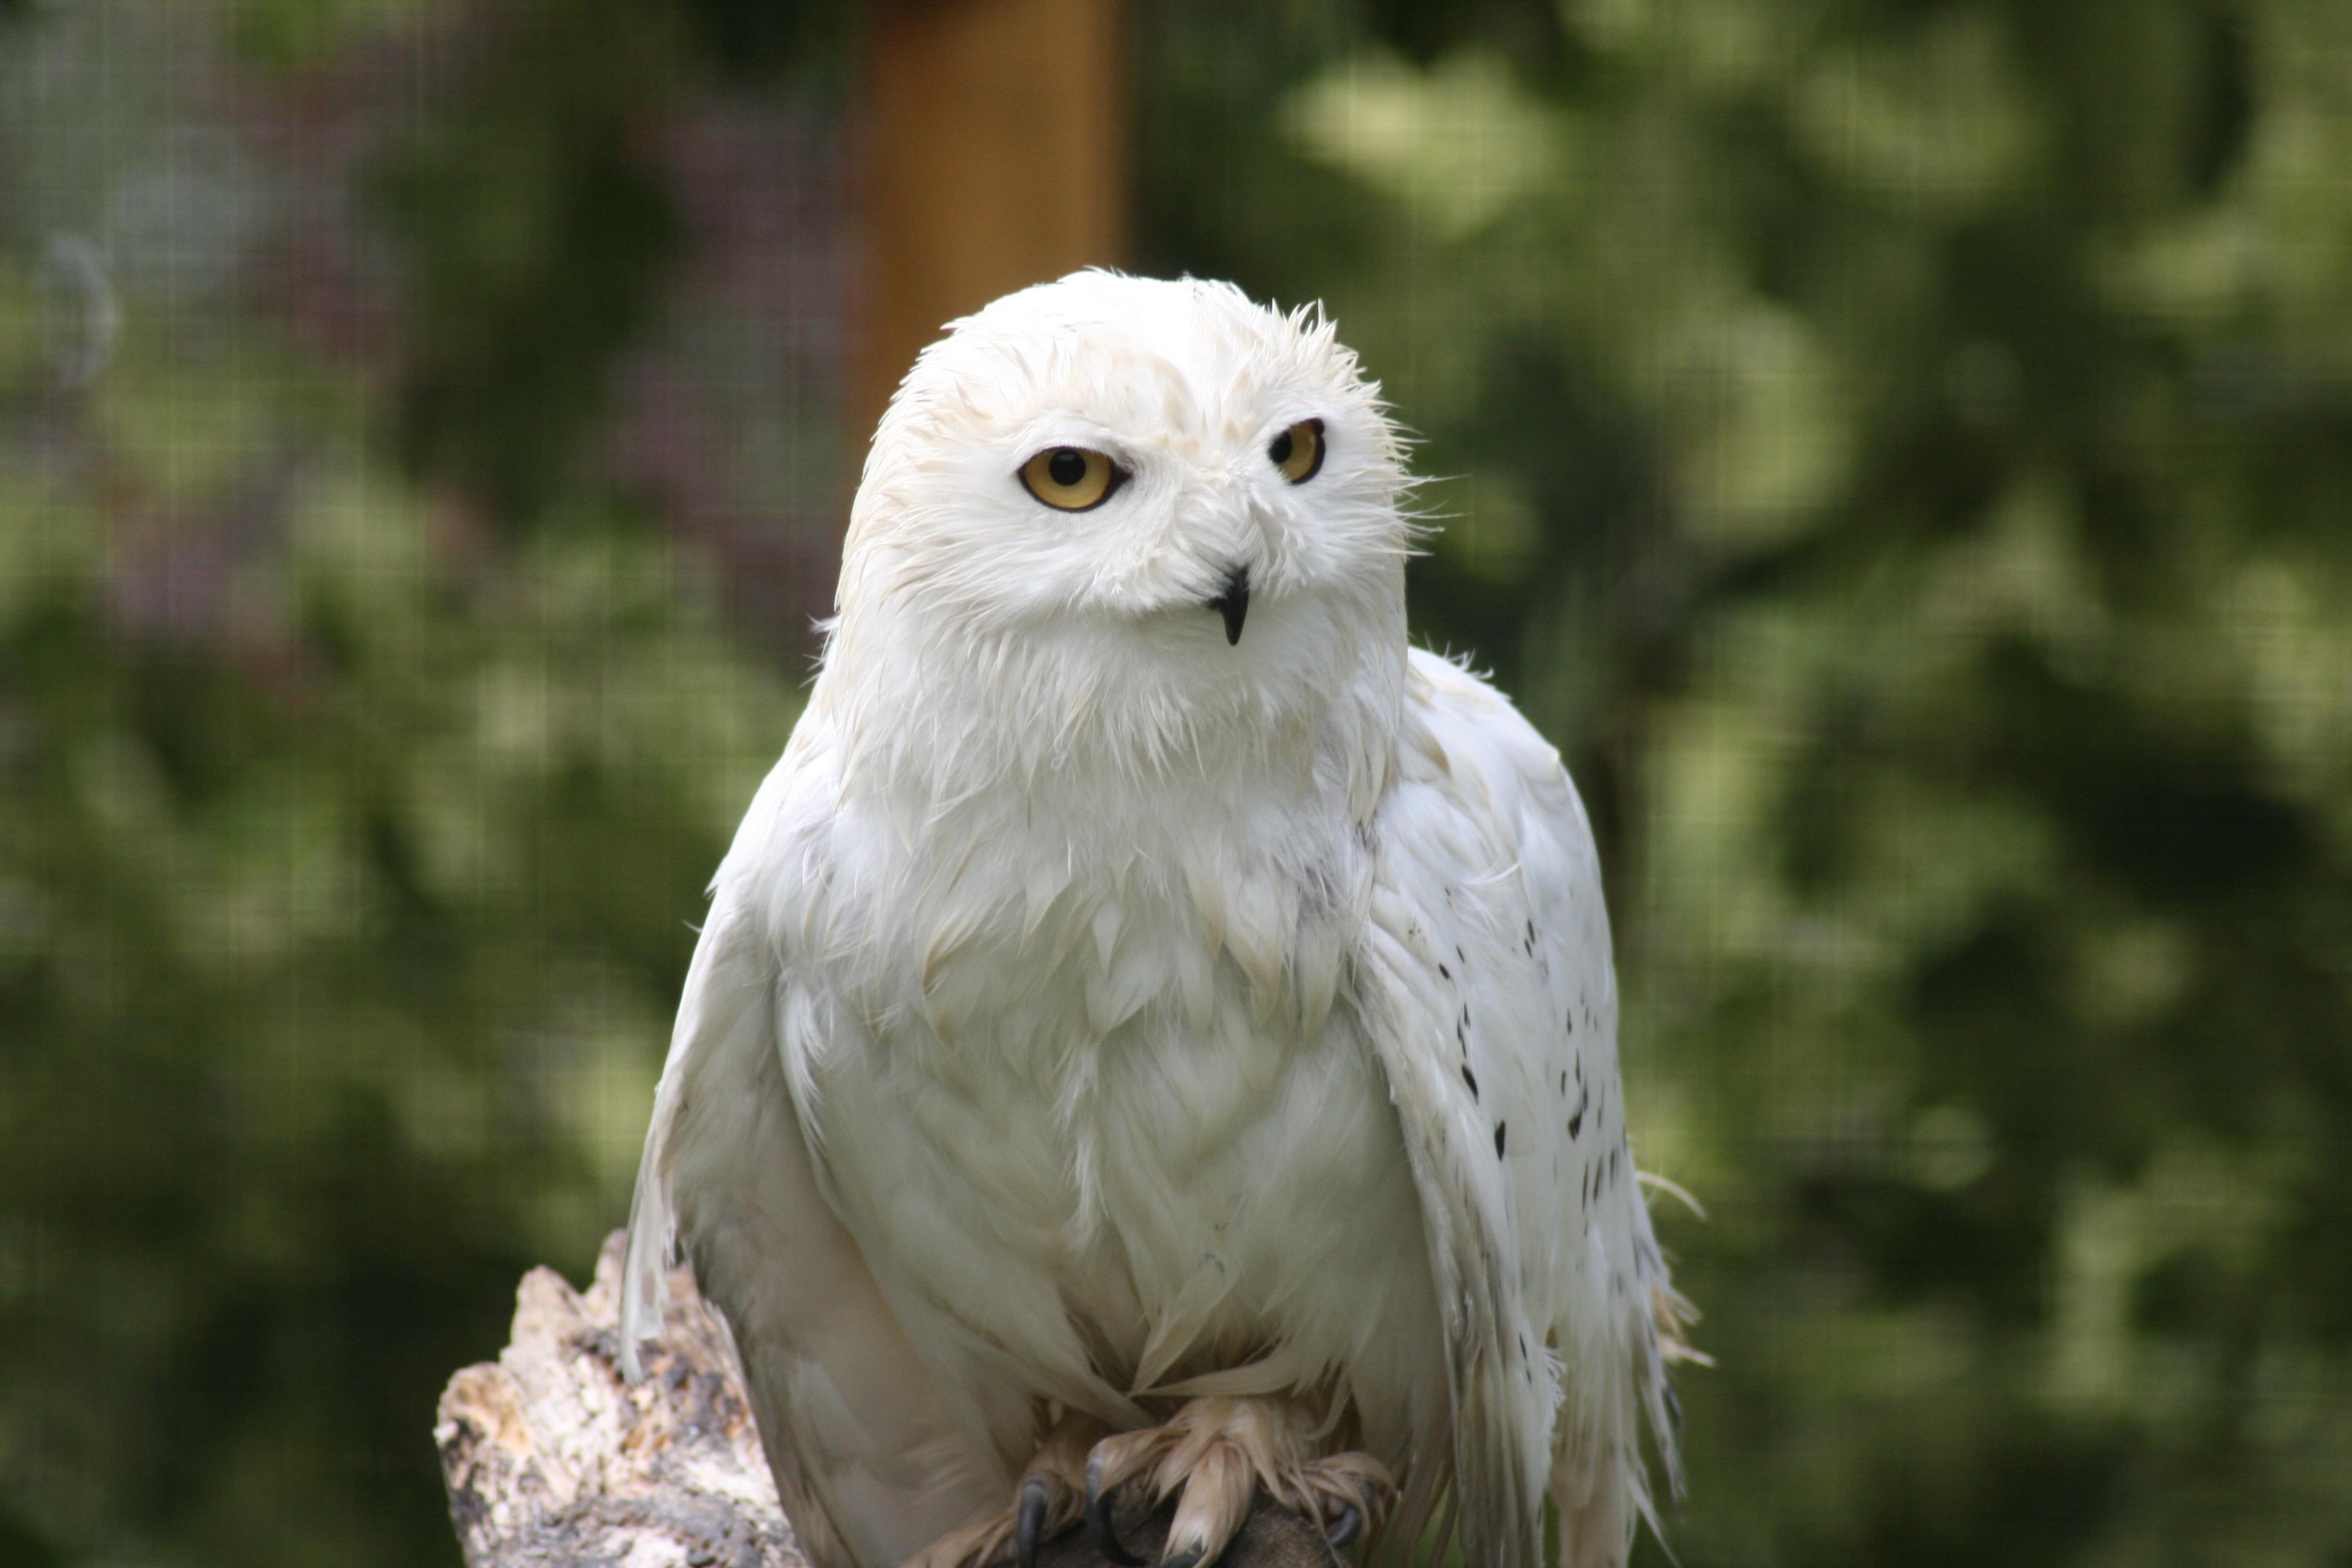 Species Spotlight - Snowy Owls - Birdland Park & Gardens